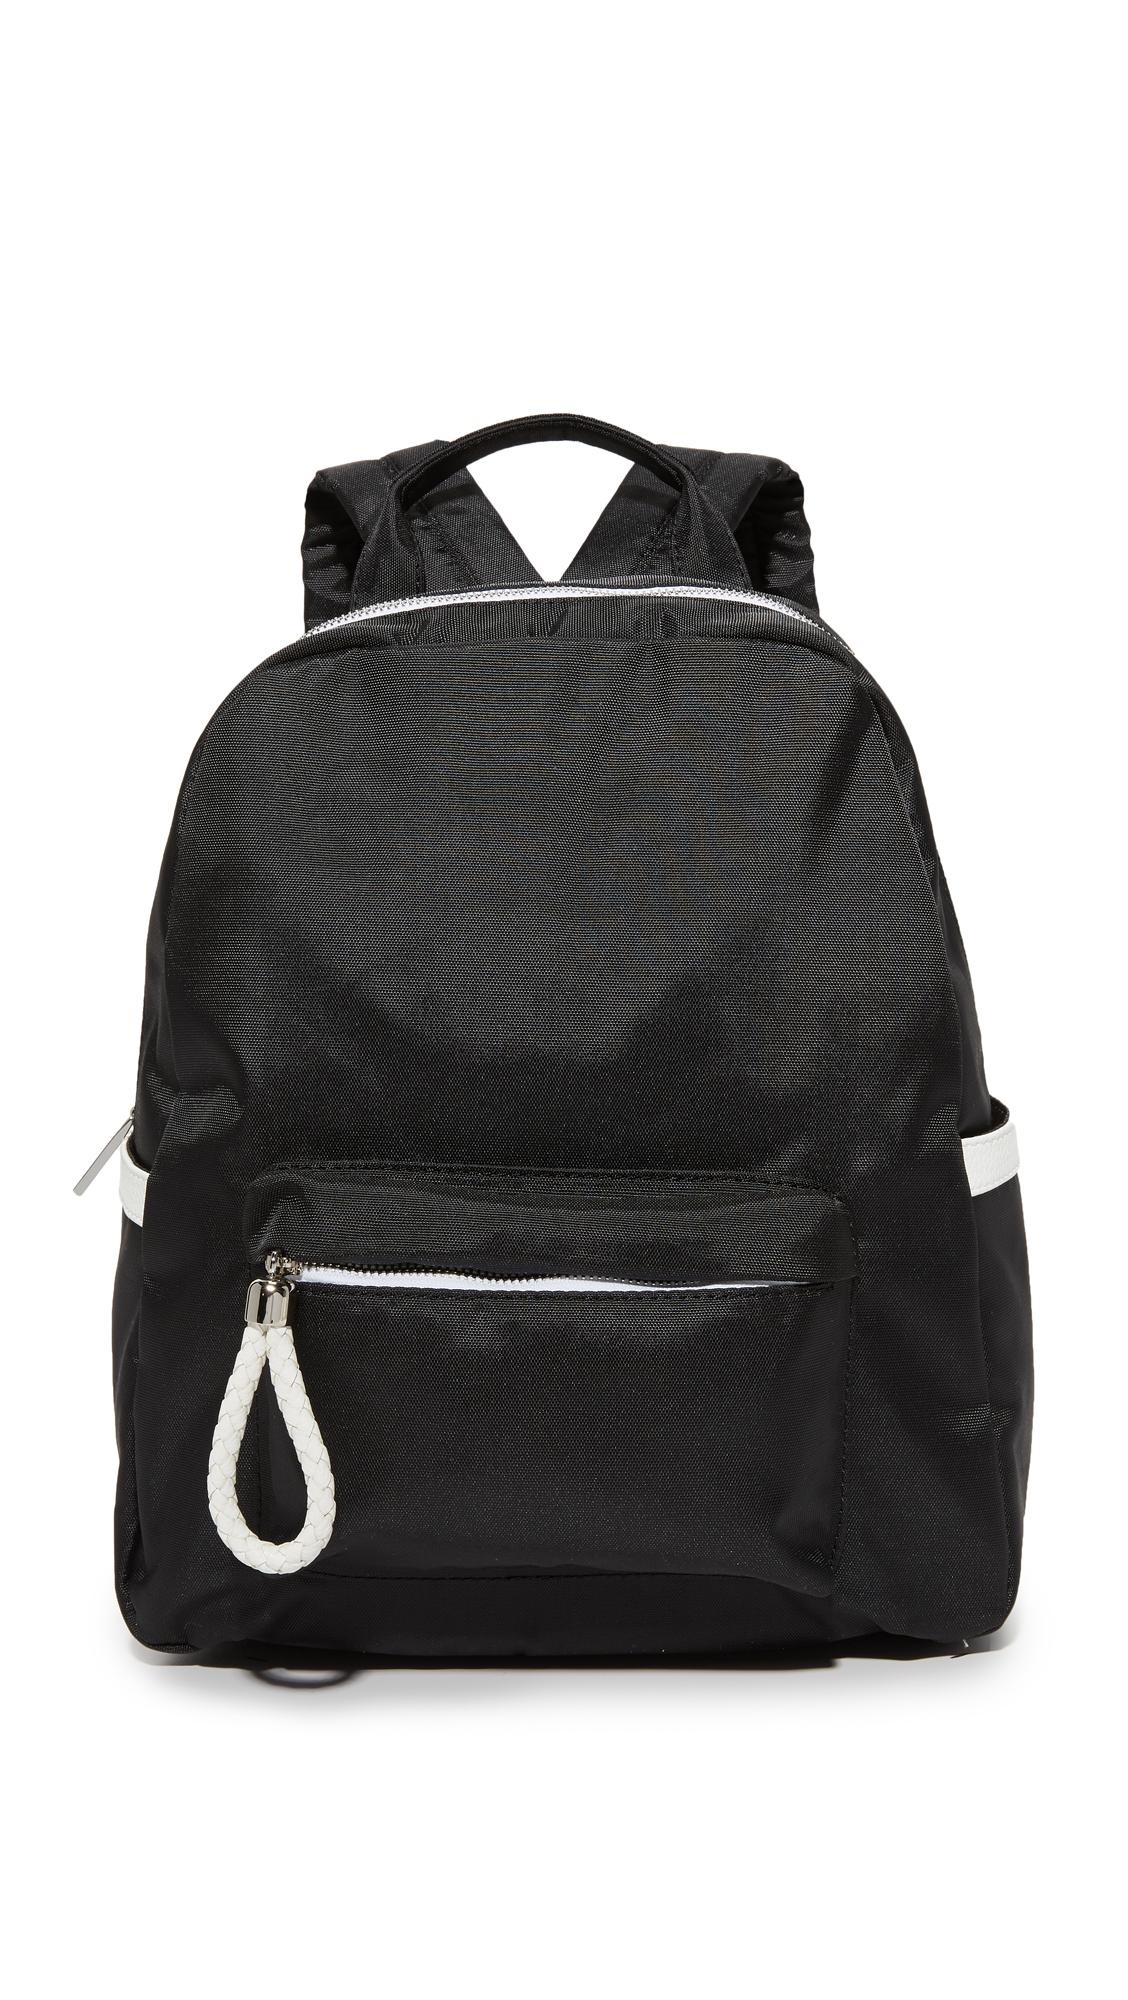 Deux Lux Deux Lux x Shopbop Backpack - Black/Optic White